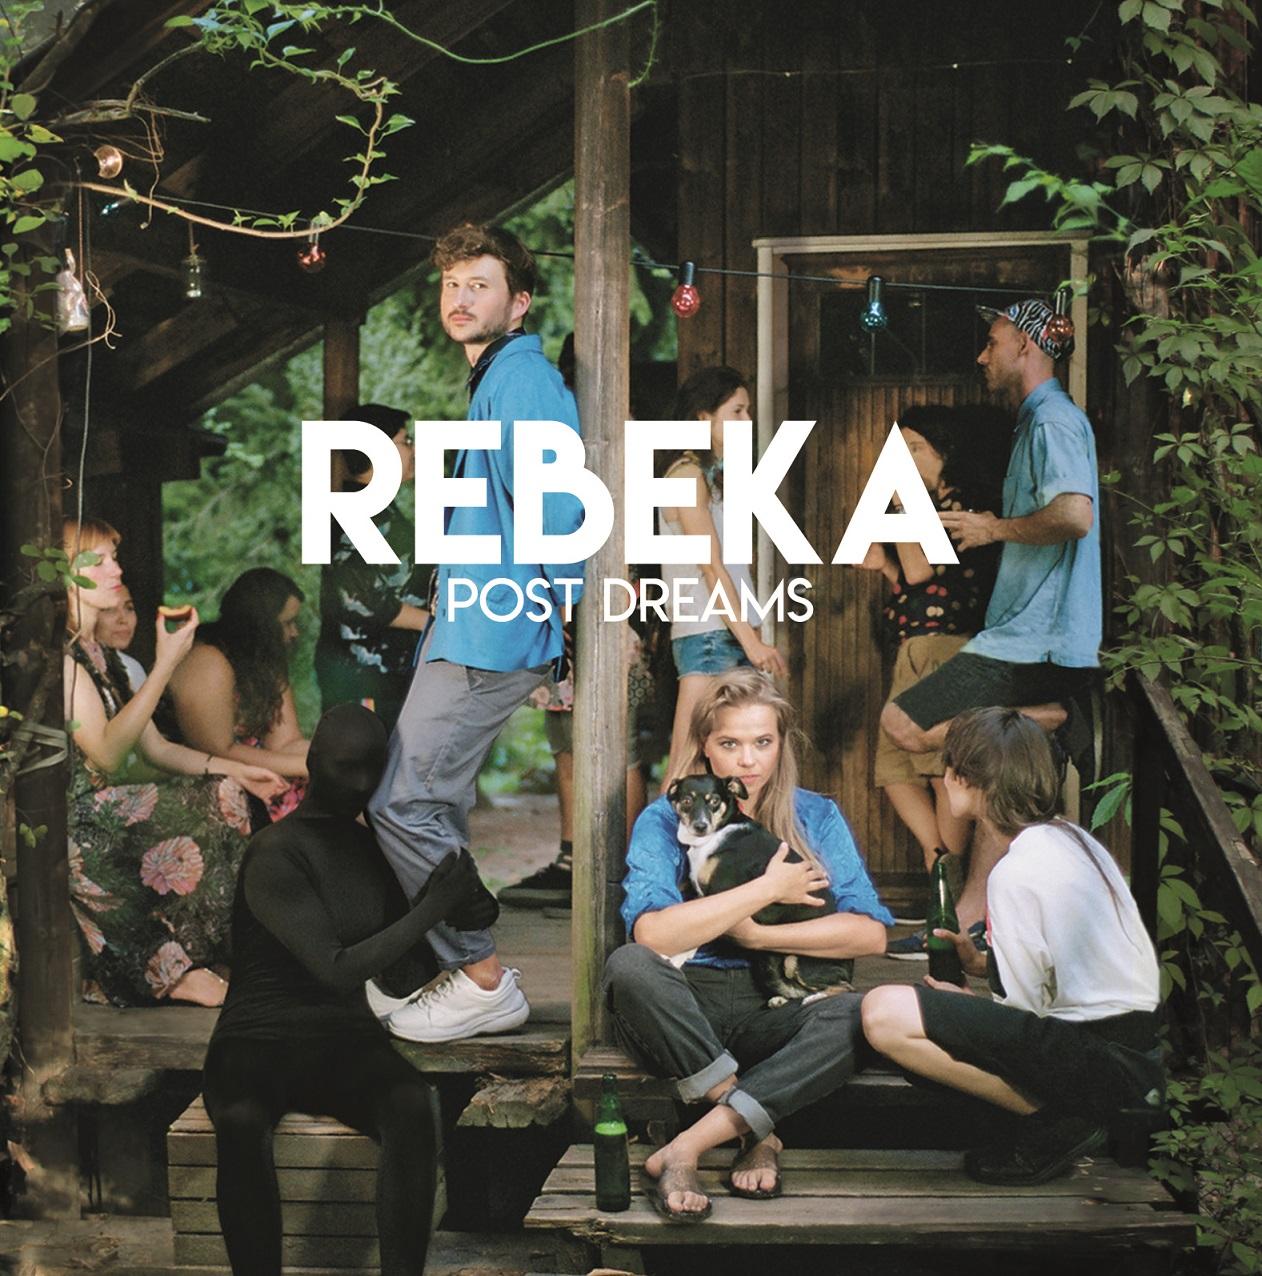 Rebeka - Post Dreams